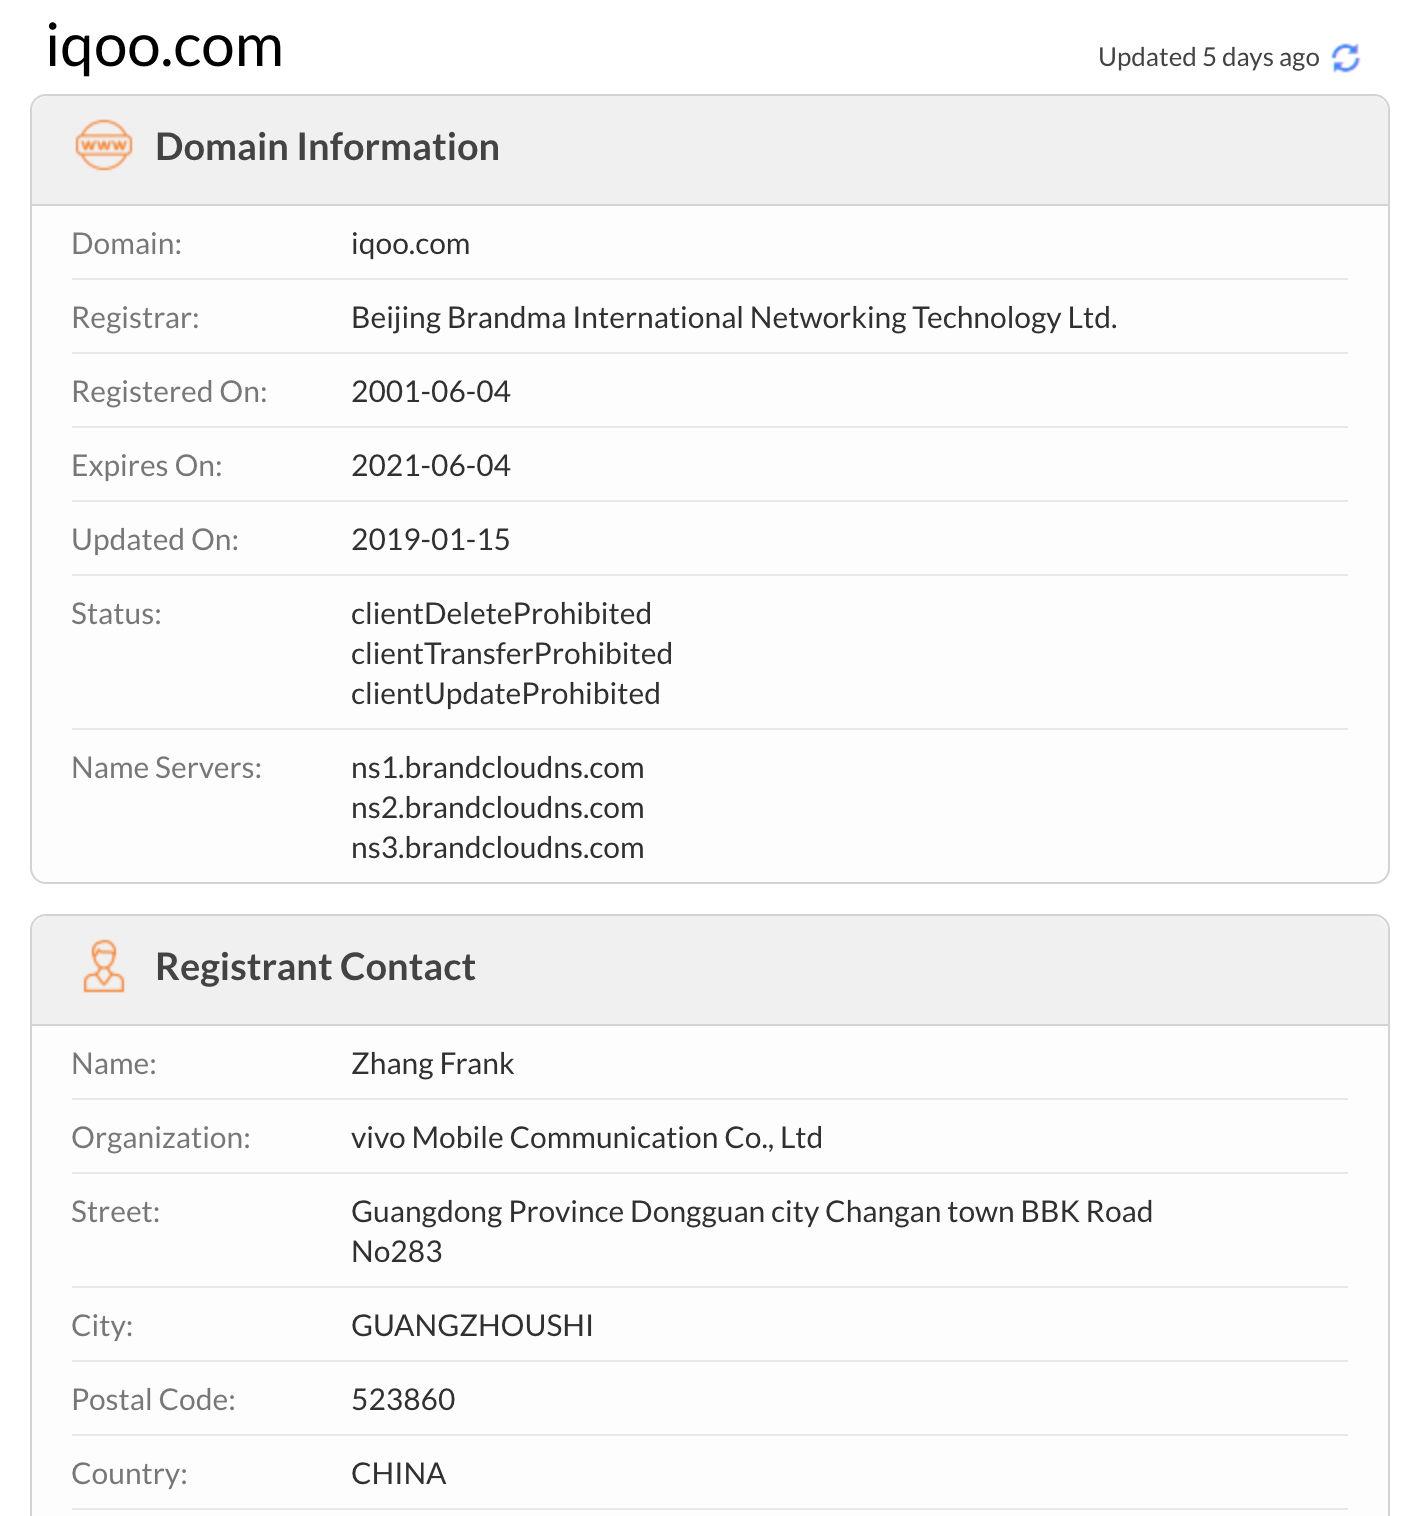 IQOO Domain details